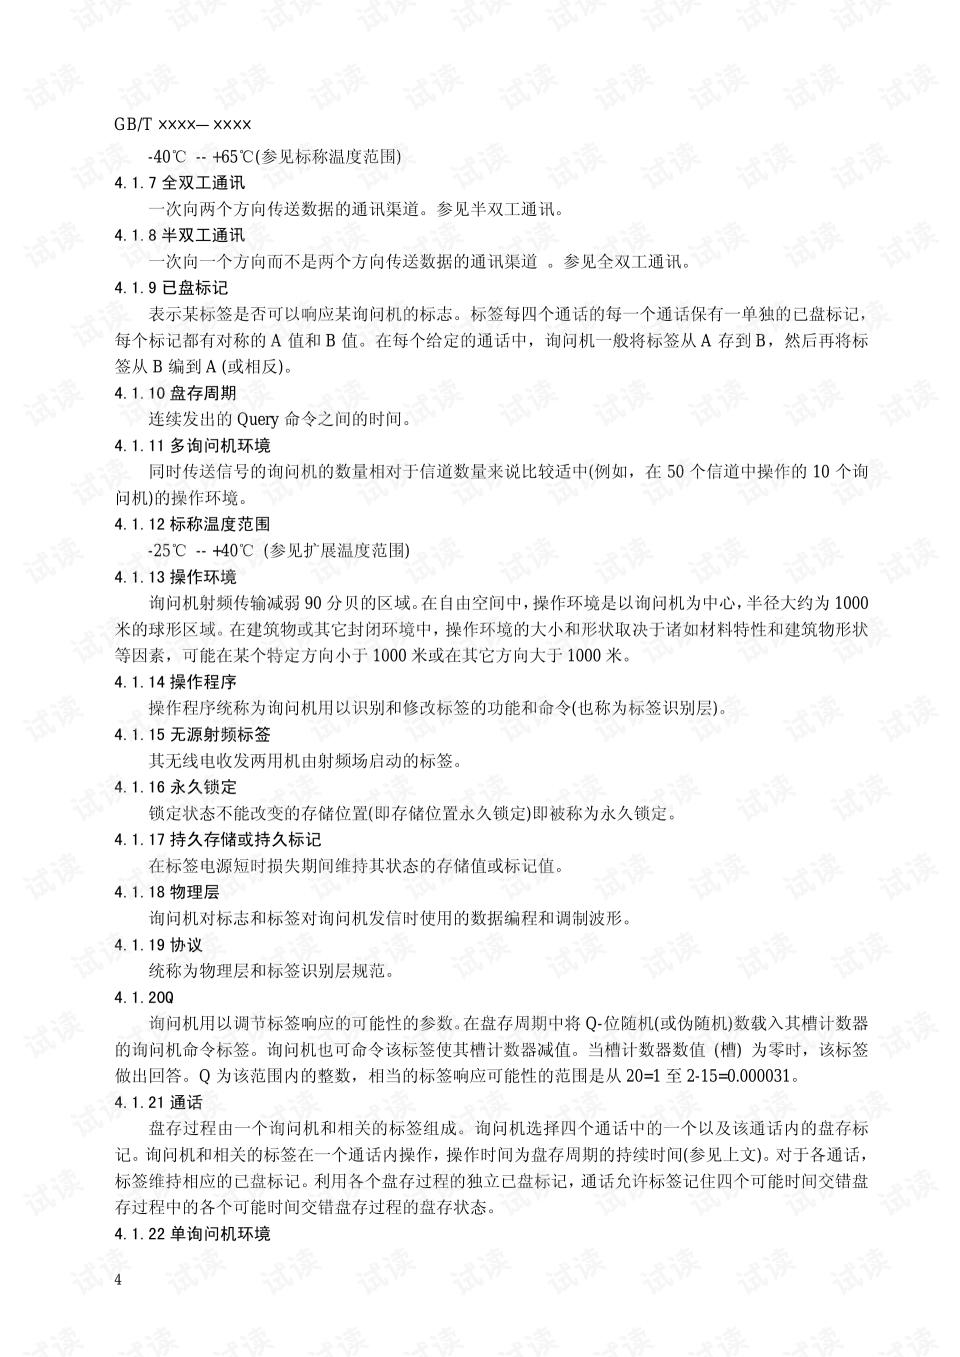 iec 60335 1 中文 版 pdf